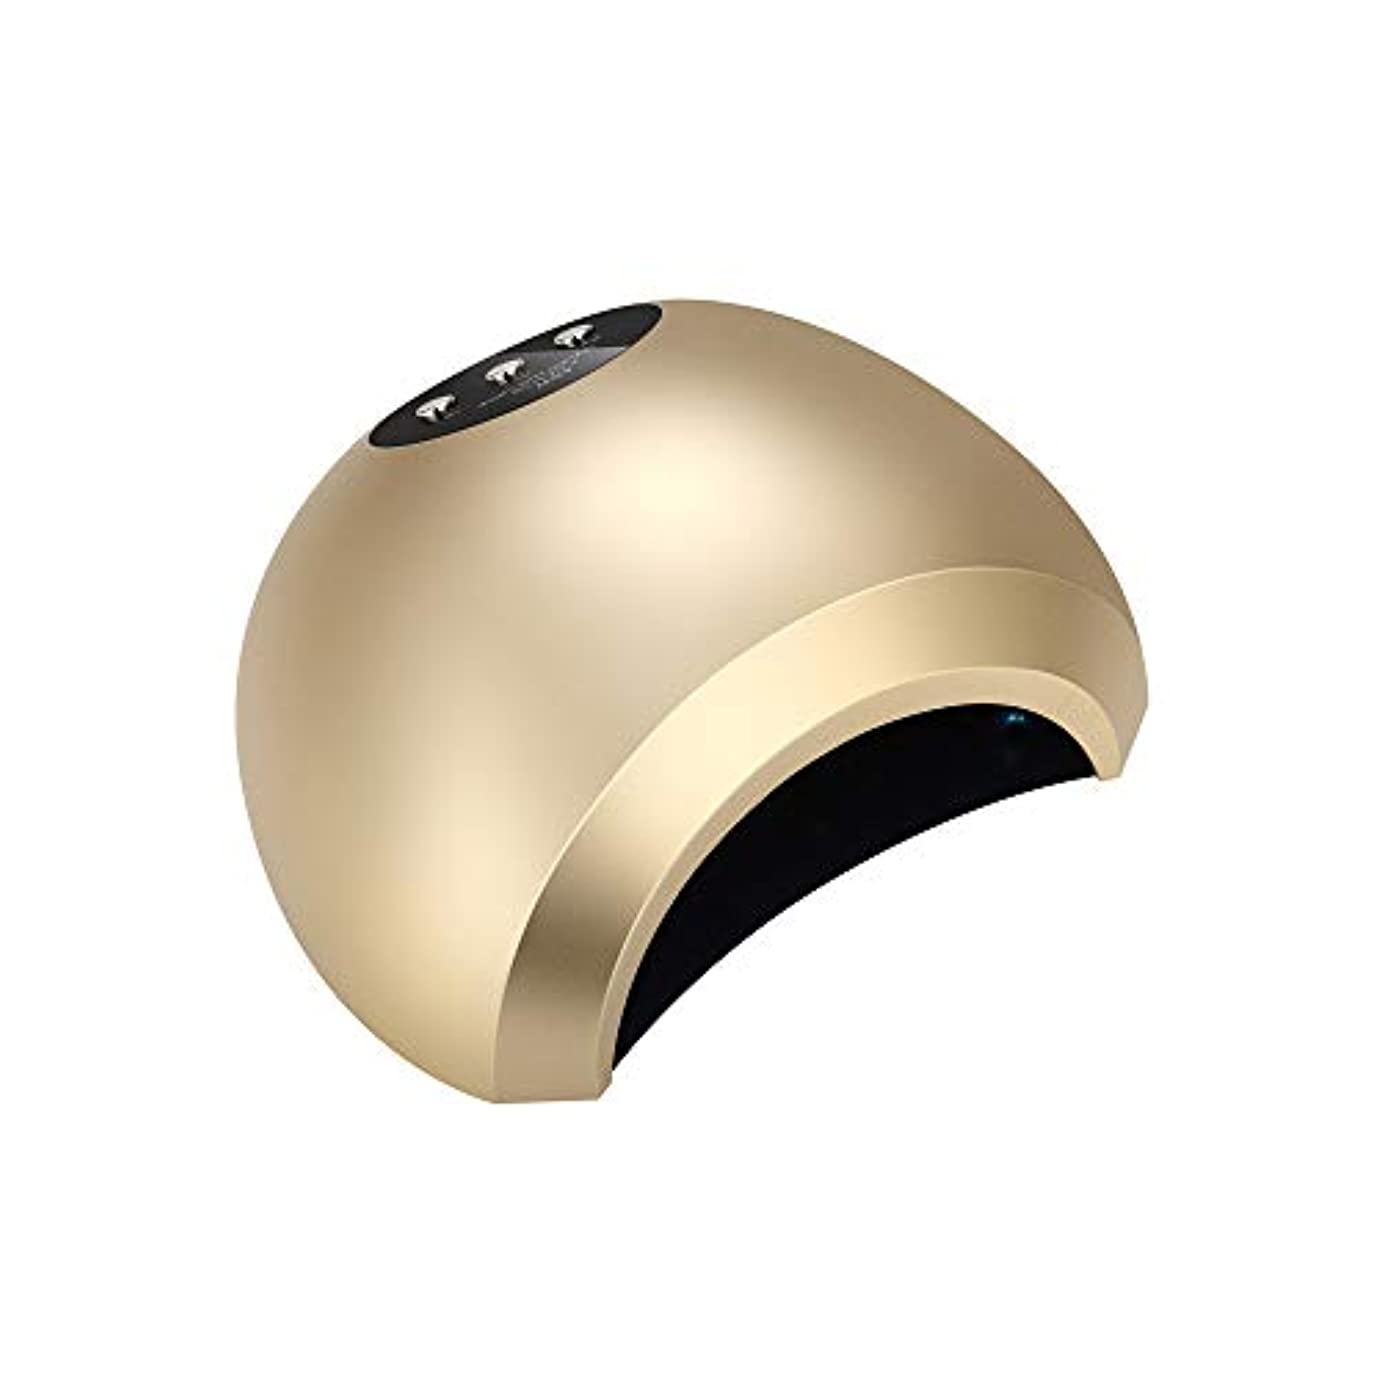 リッチトロイの木馬メダリスト48Wインテリジェント誘導デュアル光源放熱無痛速乾性光線療法ランプネイルポリッシュグルーライト速乾性ドライヤーネイルポリッシュUVランプ